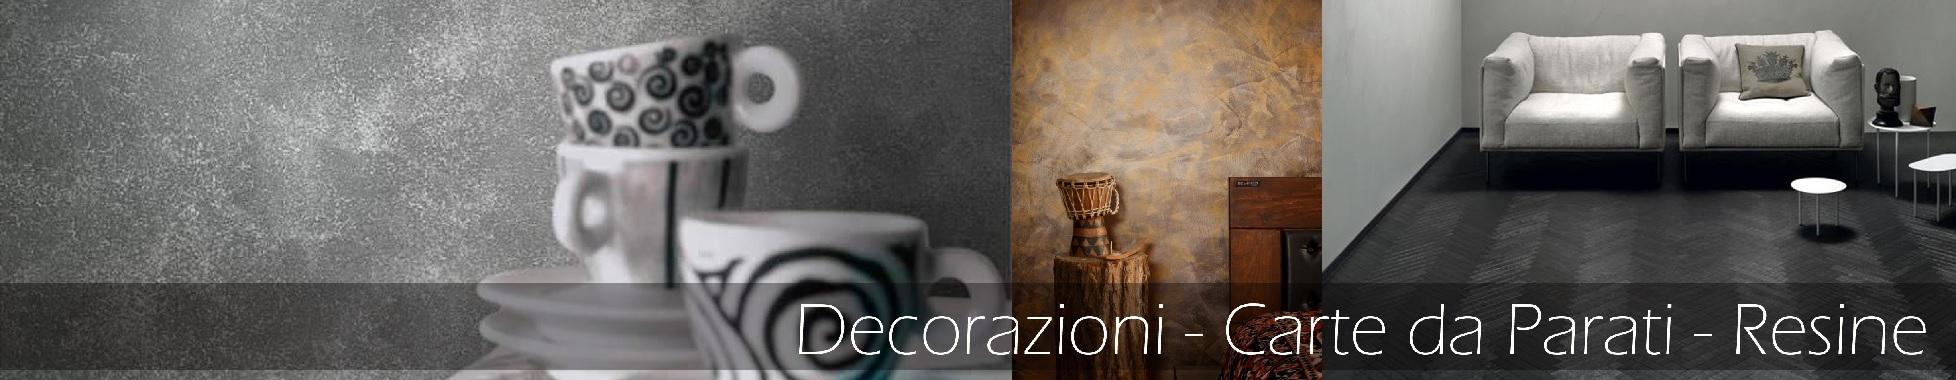 Oikos Decorazioni D Interni.Pitture Per Interni Decorazioni Murali Oikos Boero Giorgio Graesan